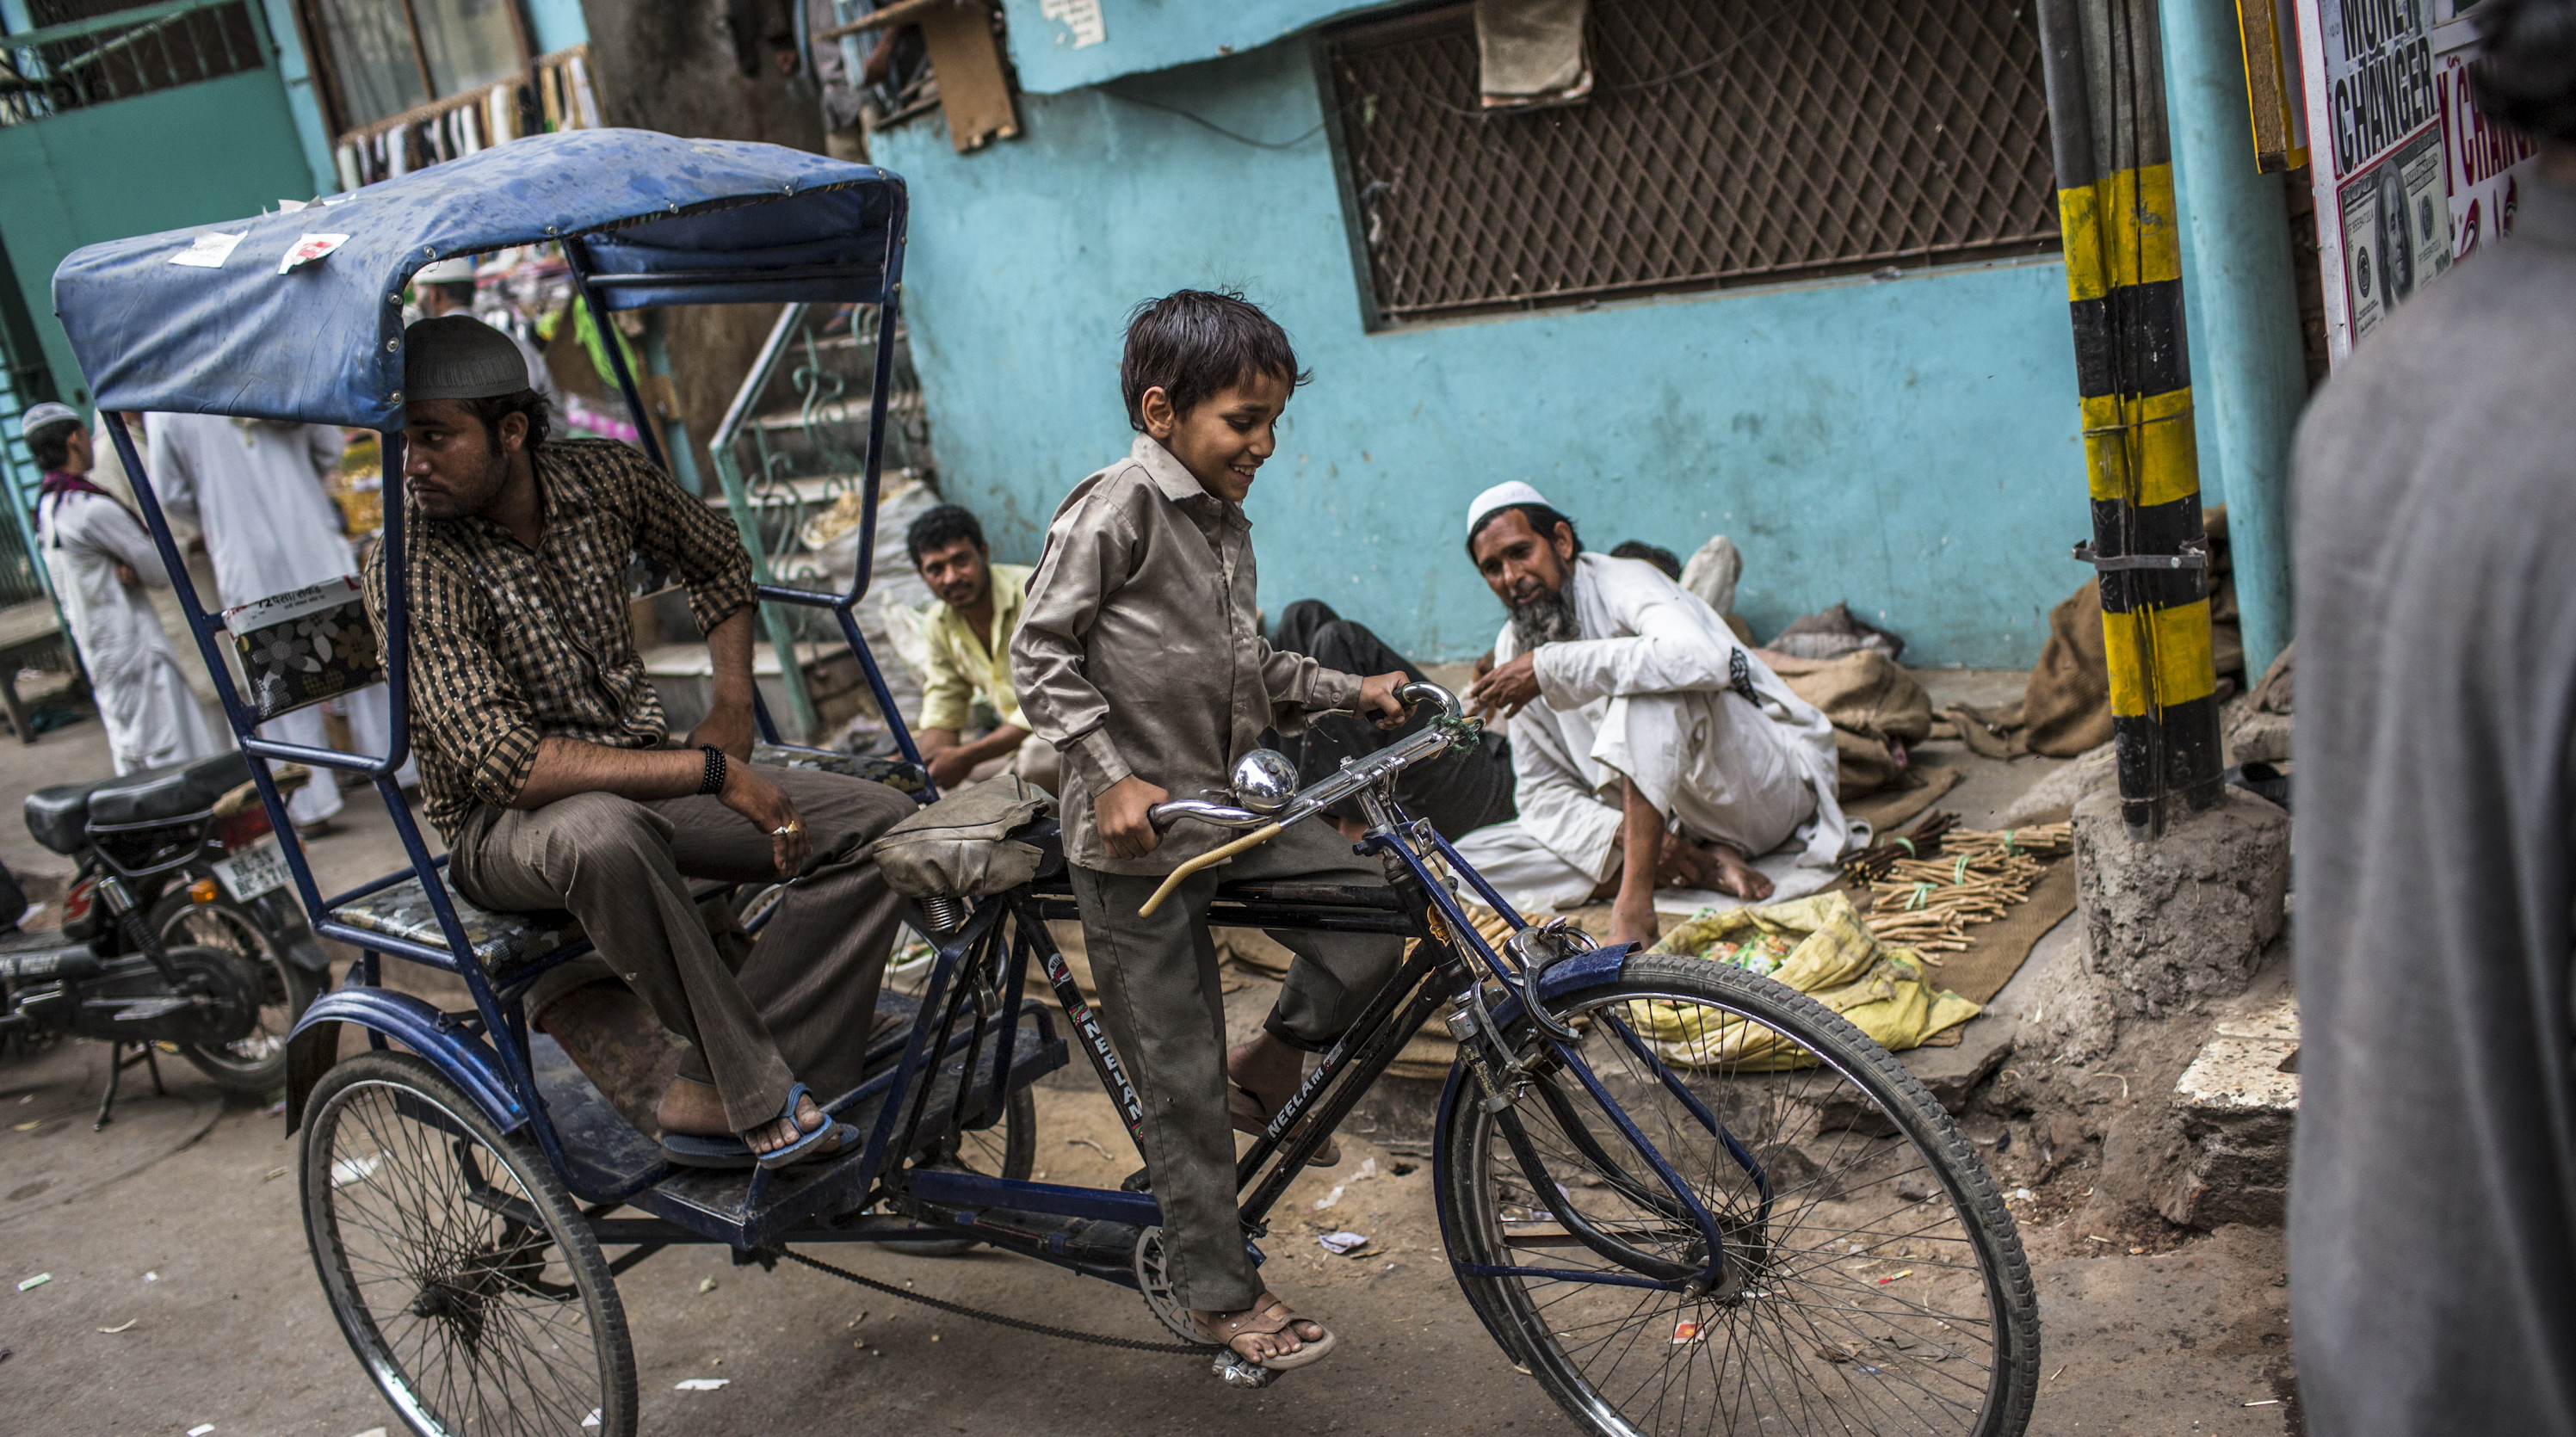 144196174 - Полиция Индии вызволила 17 детей из трудового плена